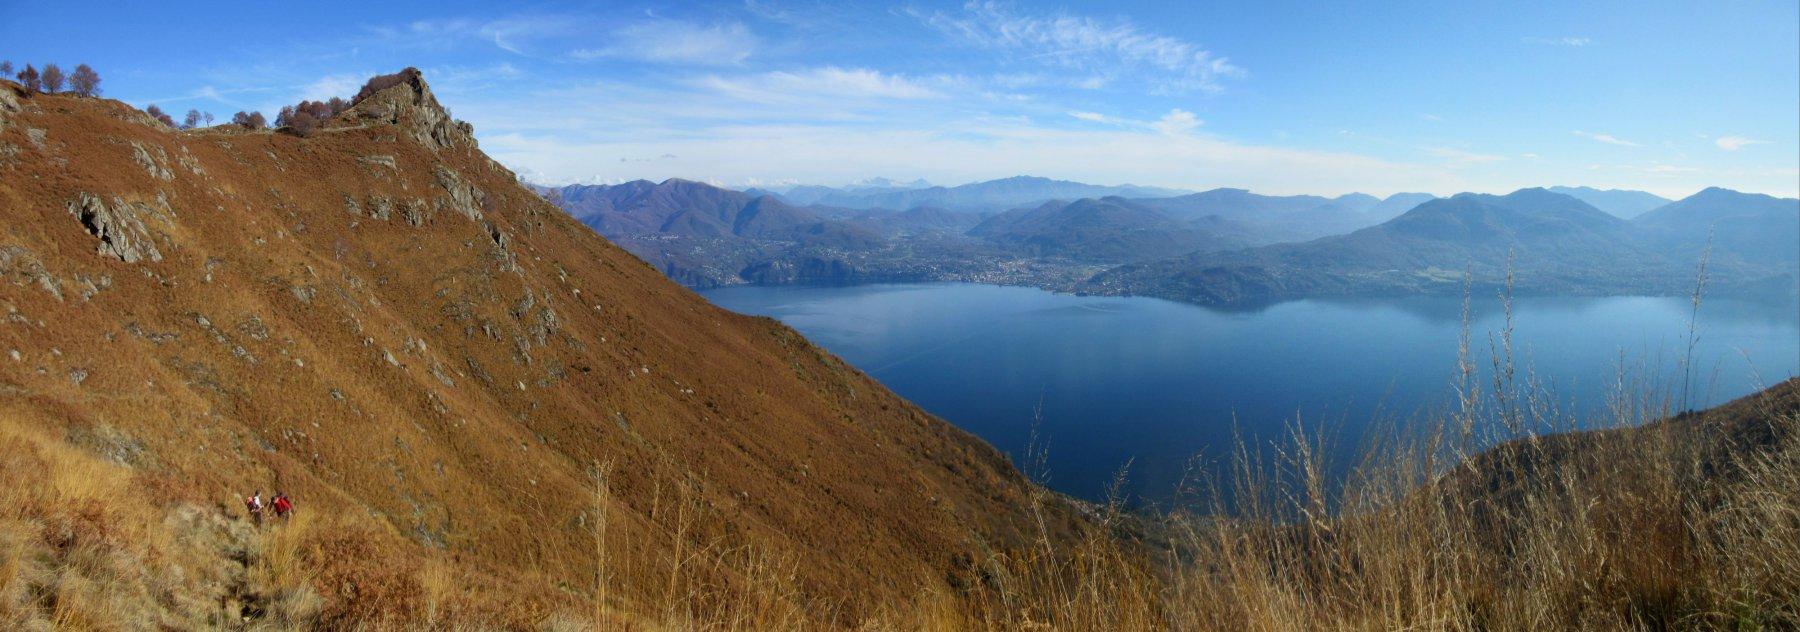 La cima di Morissolo a sx e il lago Maggiore